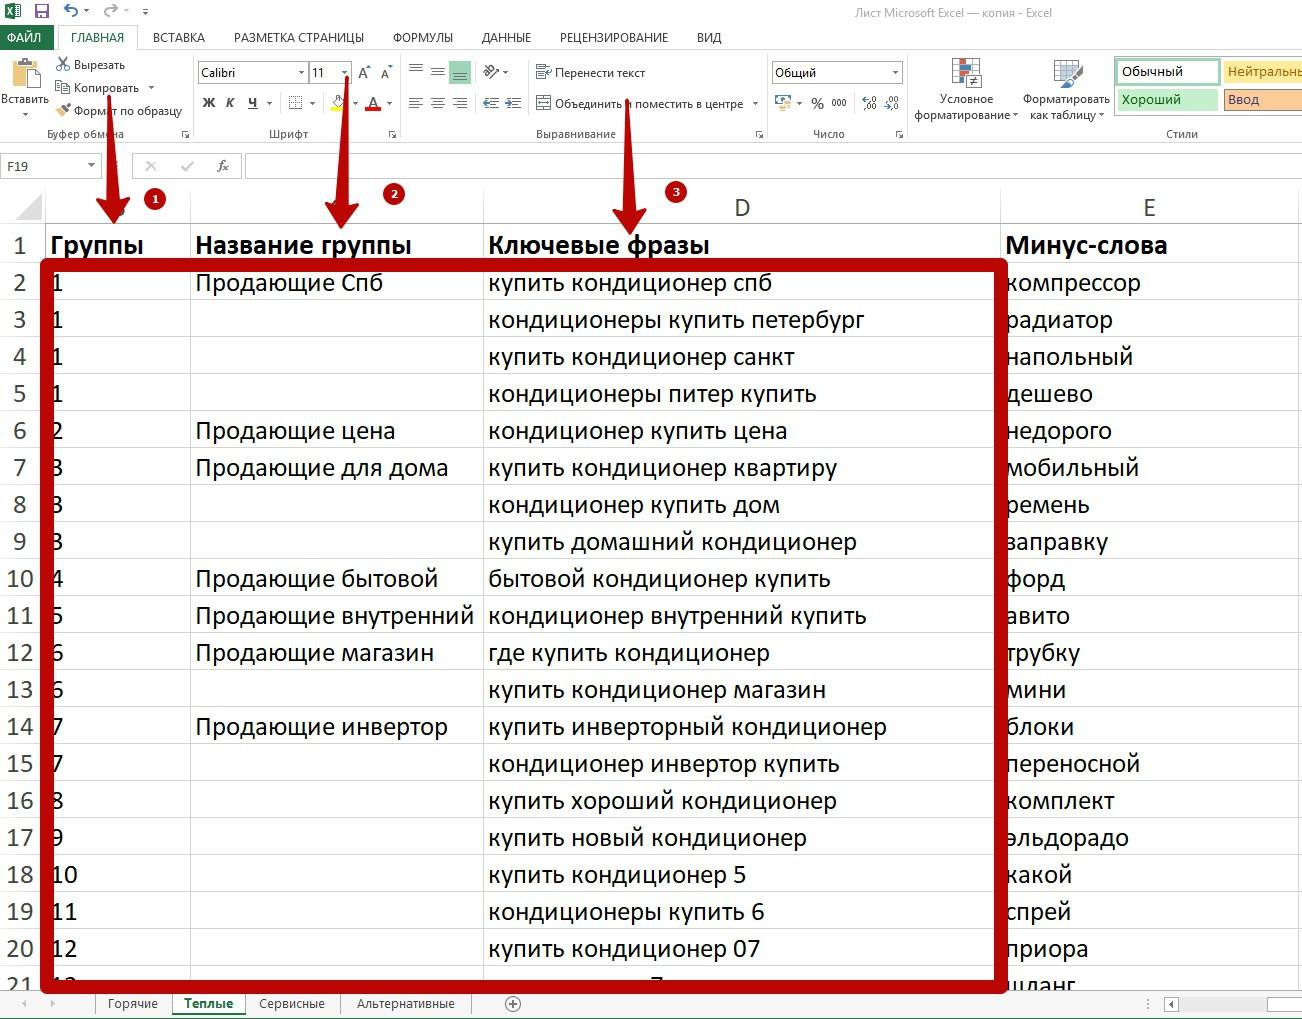 Реклама на поиске Яндекса – копирование данных для составления объявлений